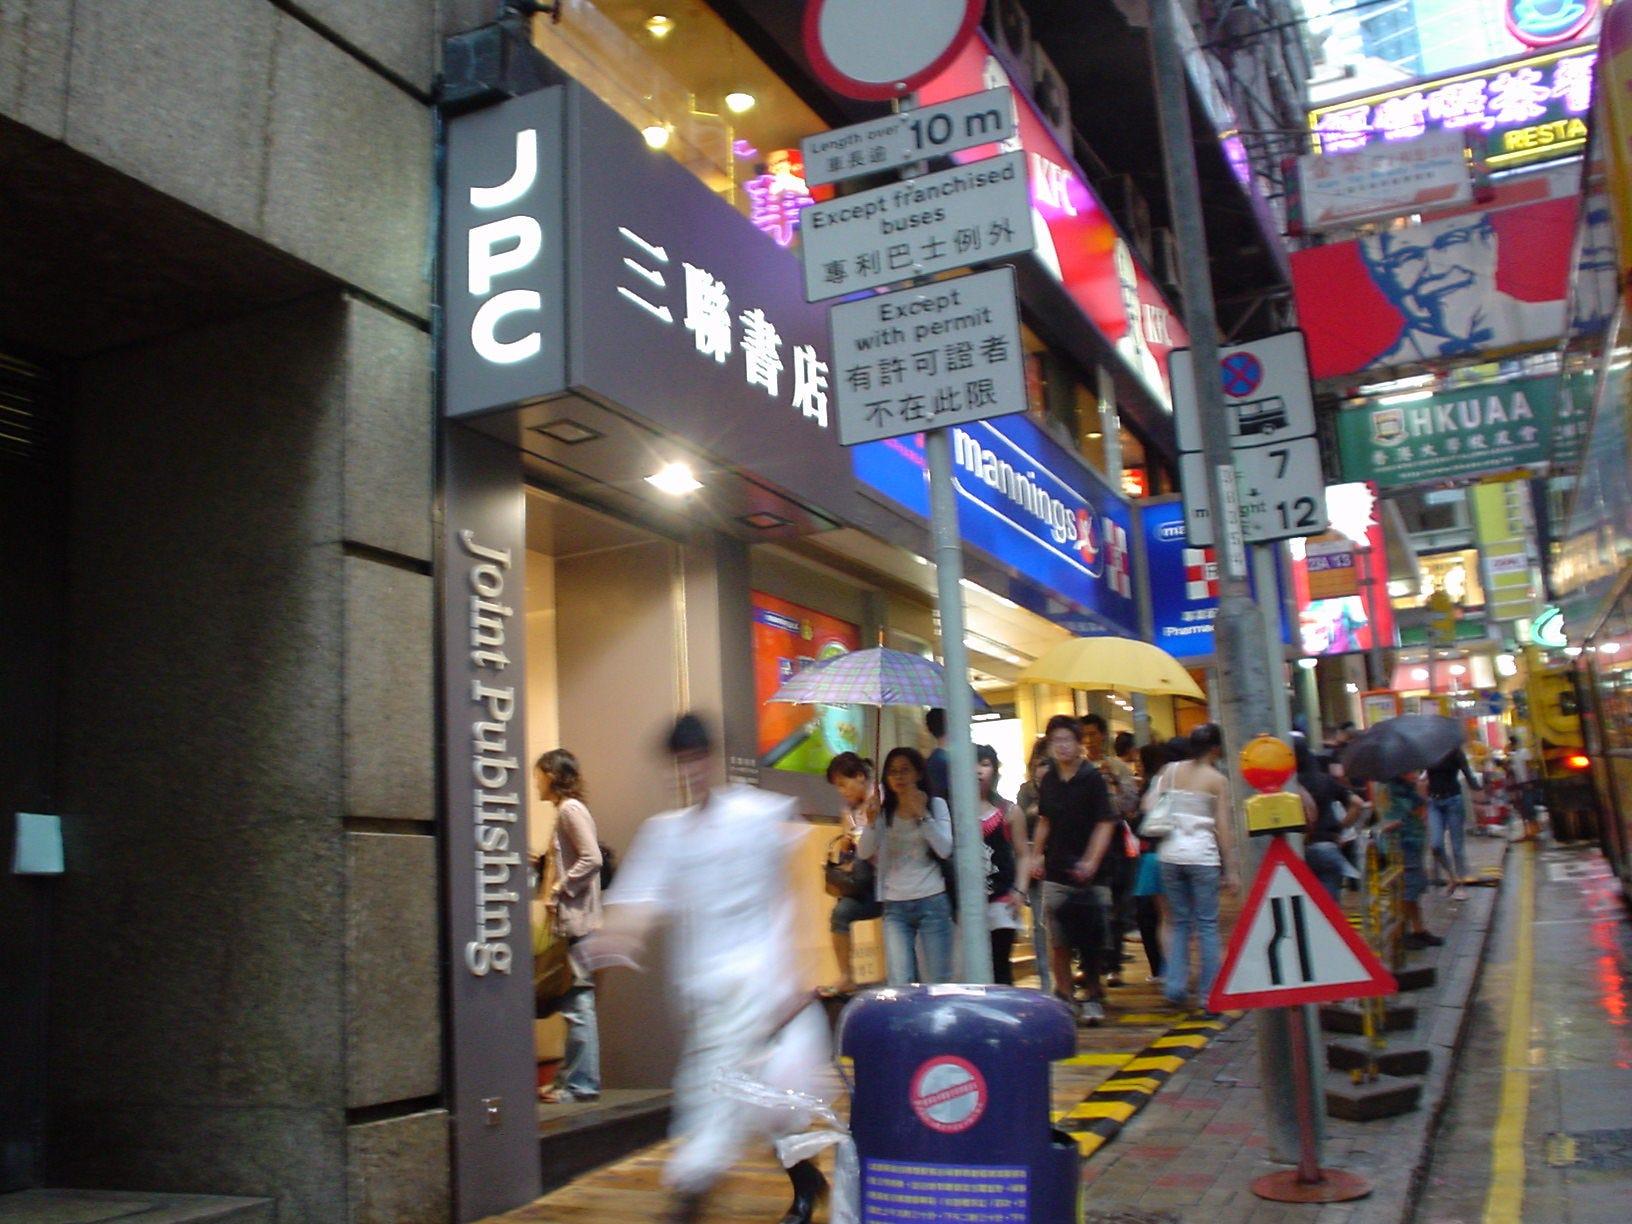 香港の本屋さん. 旅行先で,本屋さんに入るのは楽しい。ことさら詳しいわけではないのだが,「香港の本 ...